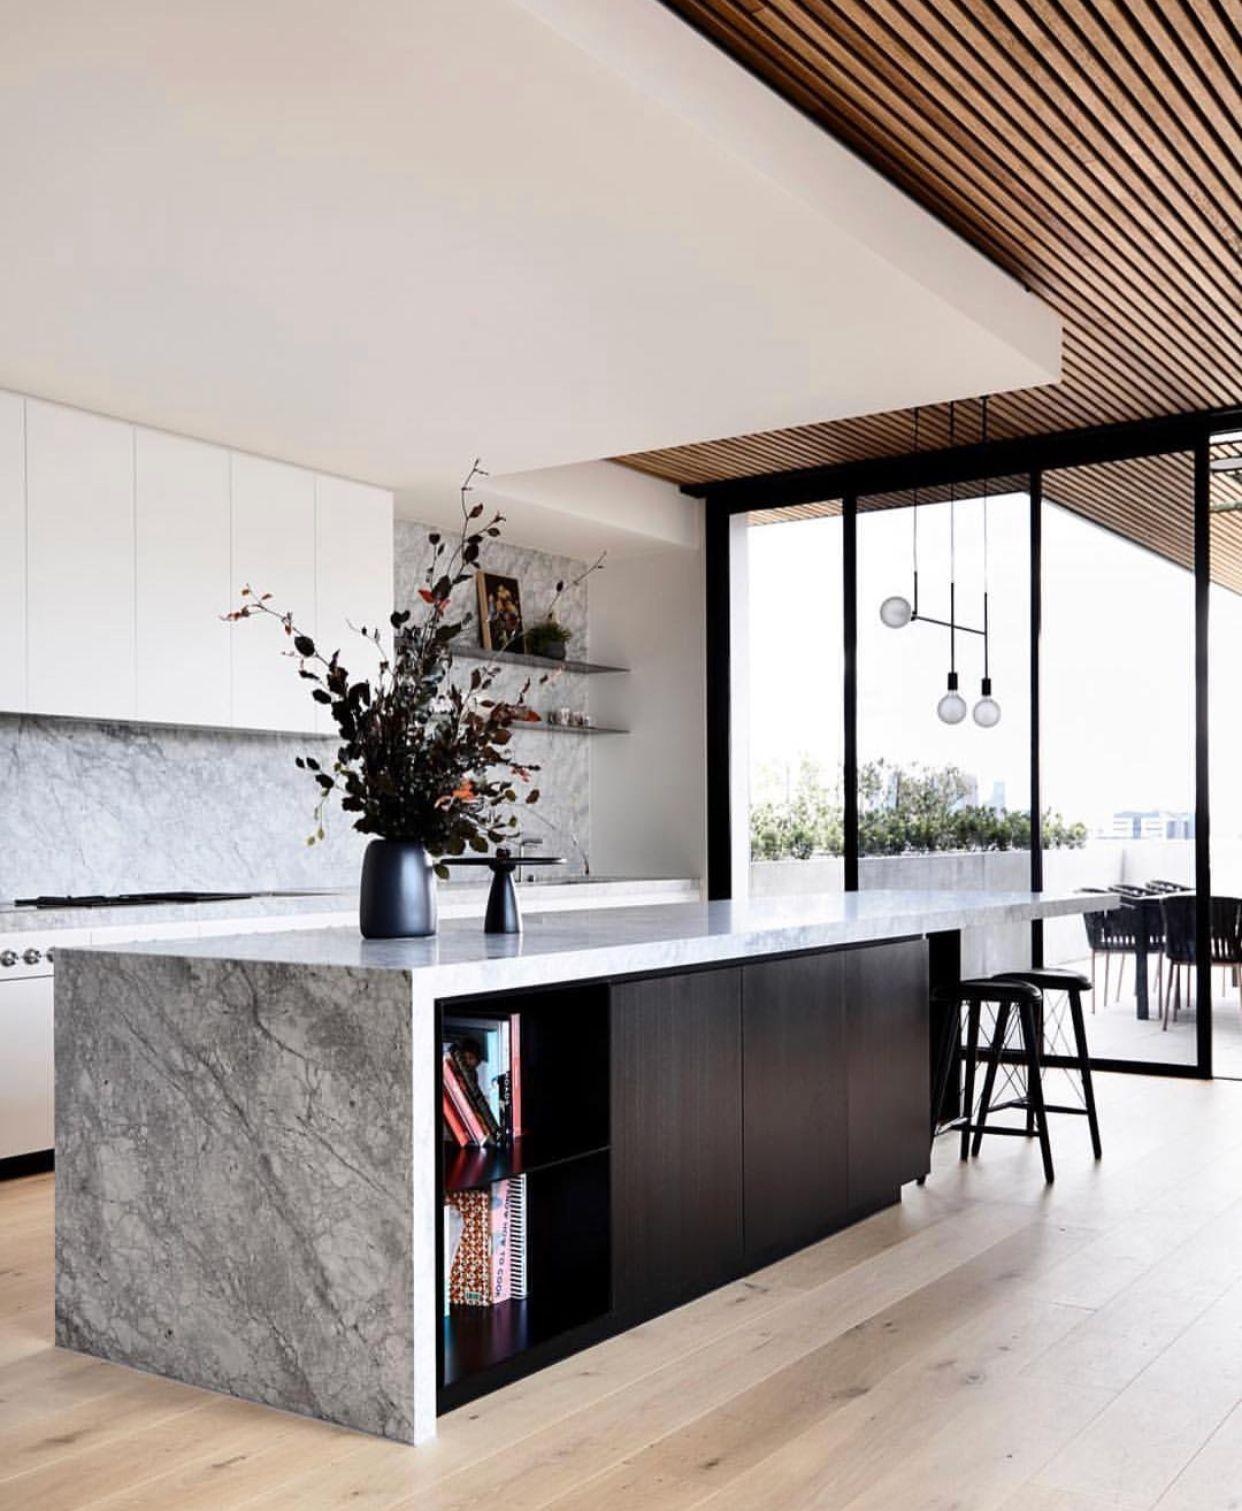 Pinterest: @namchaz 🇳🇵 | Minimalist kitchen design, Modern ...